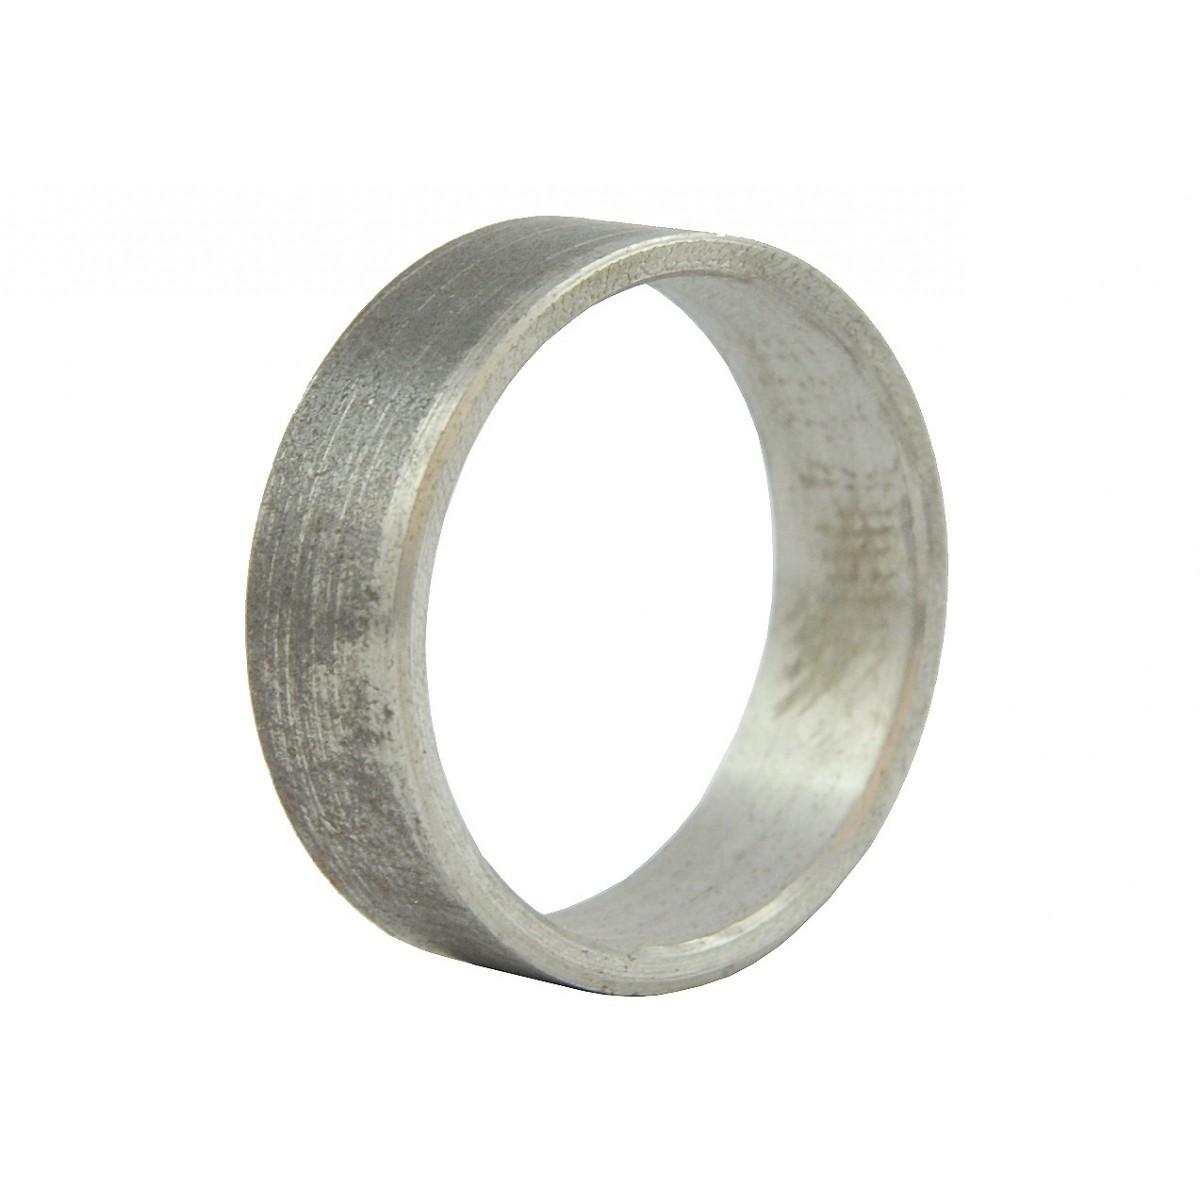 Tuleja tulejka 35x40x12 mm pierścień